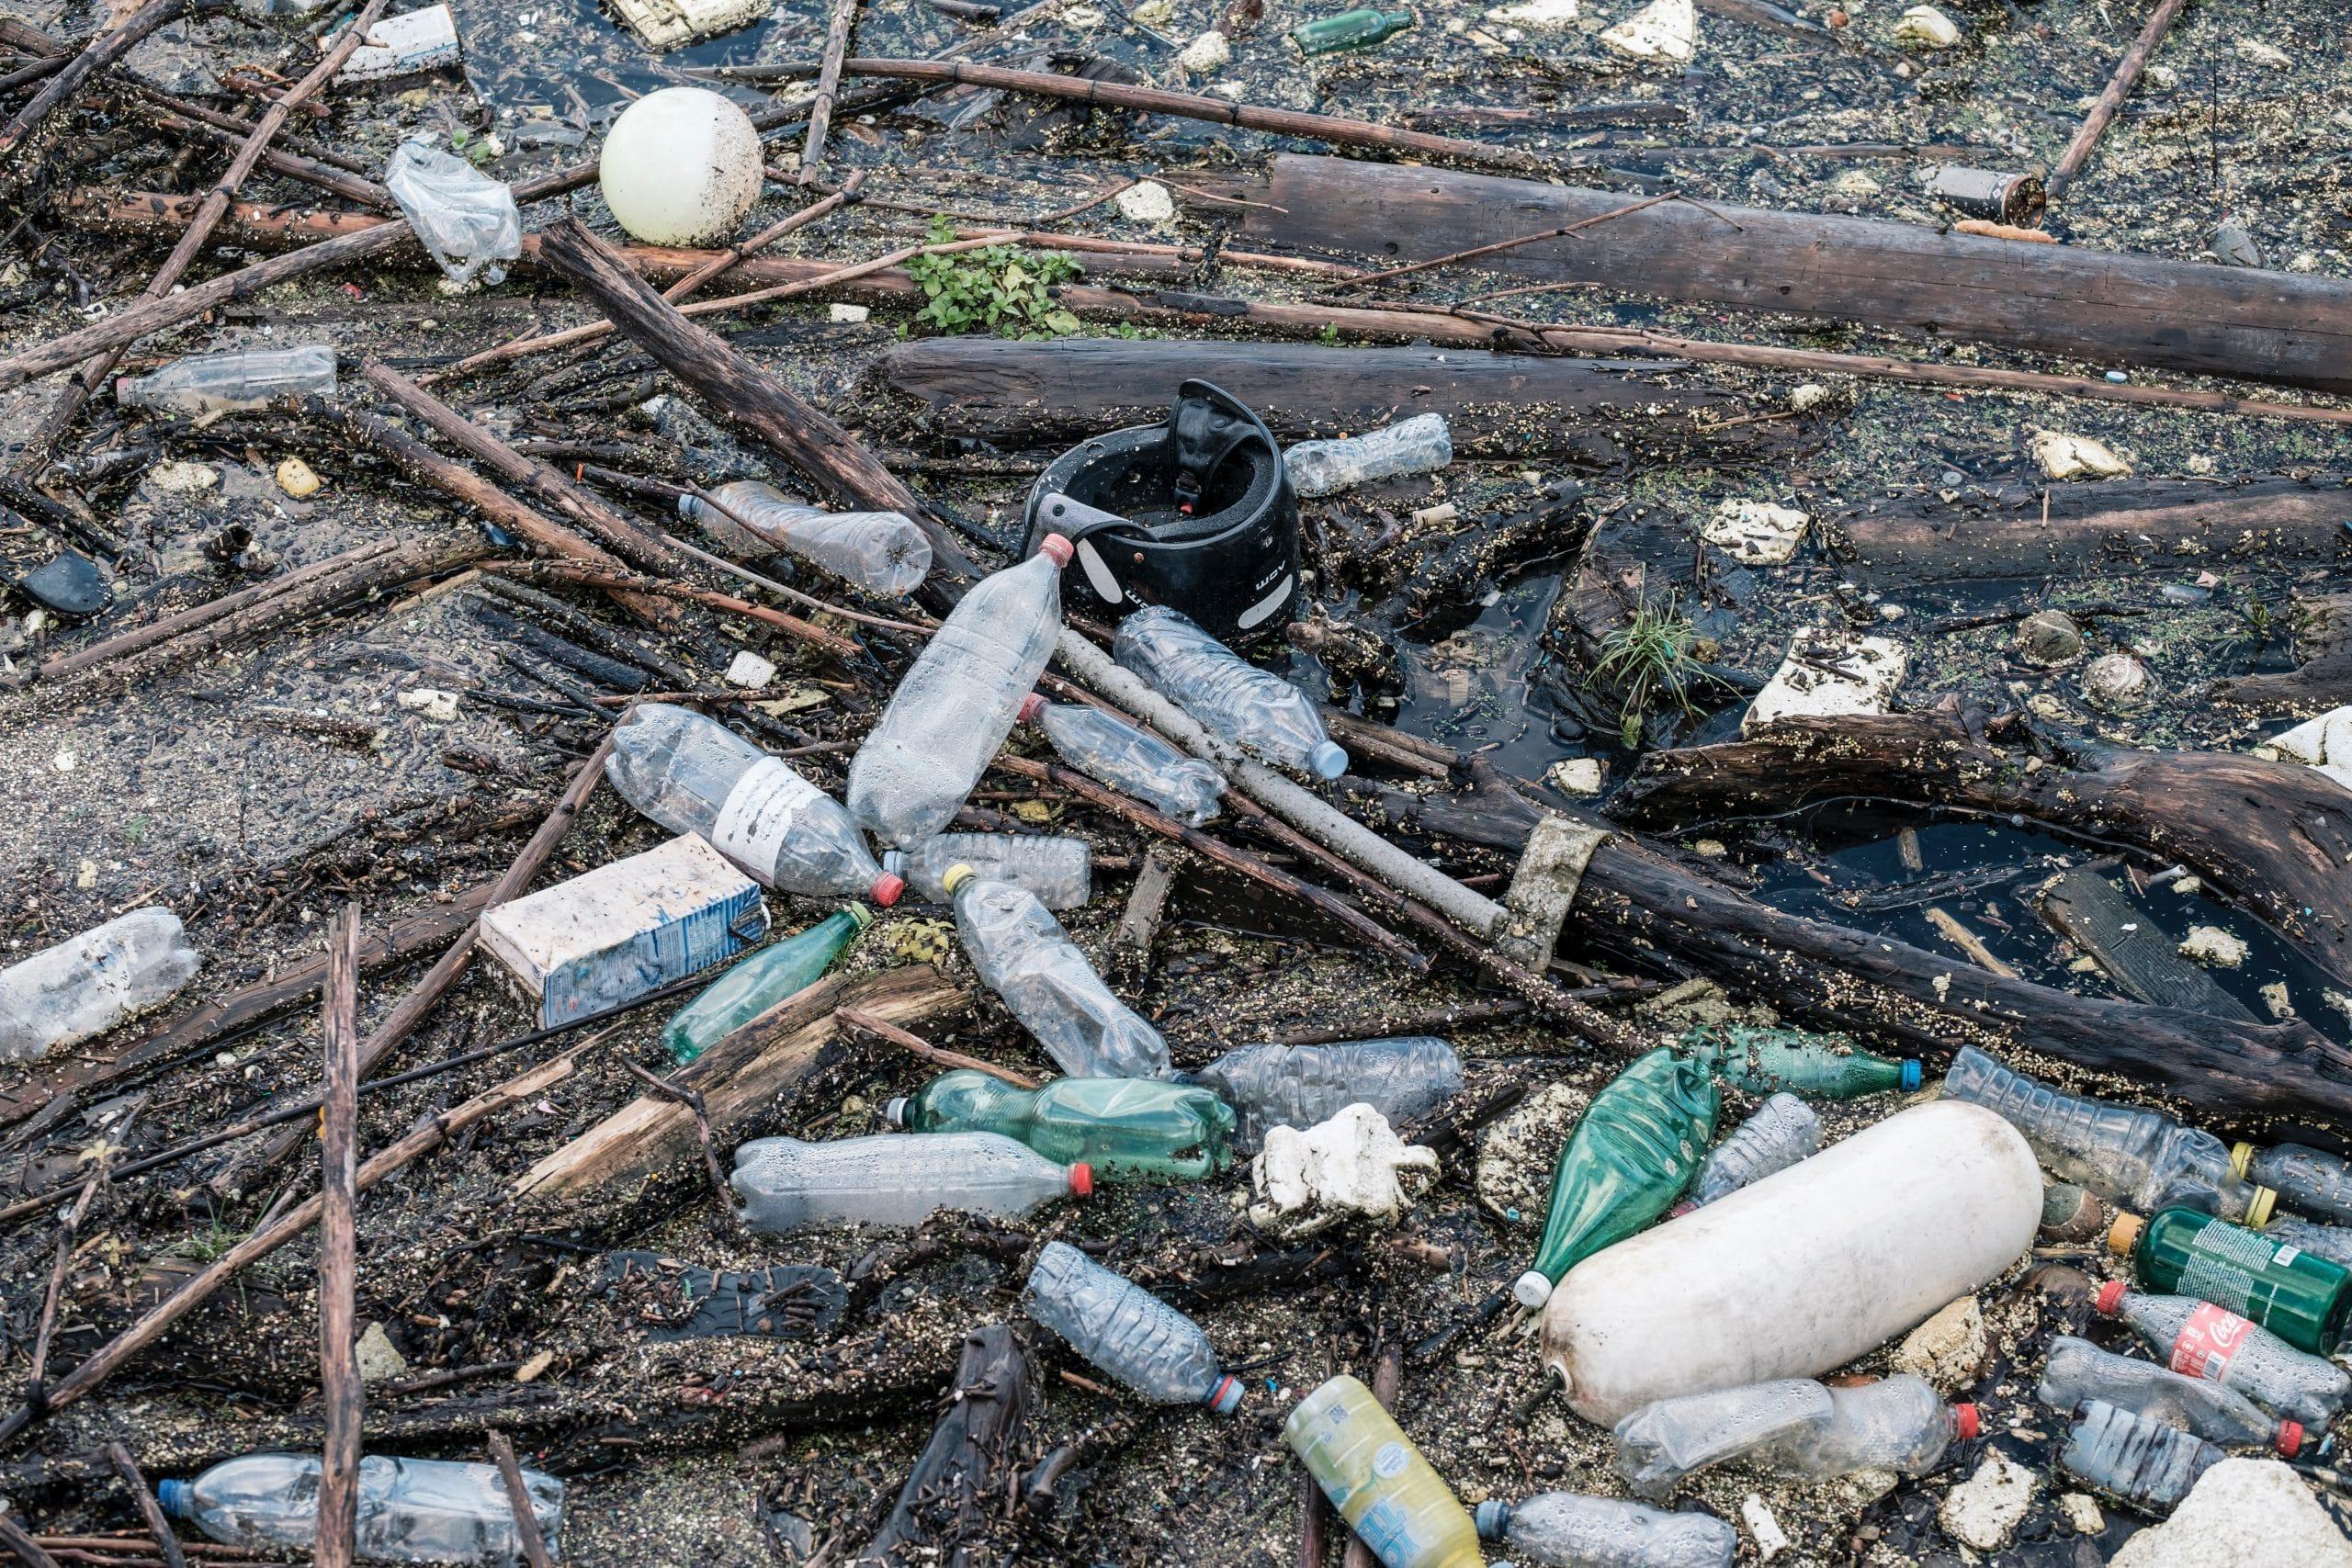 Lixo descartado em lugar errado